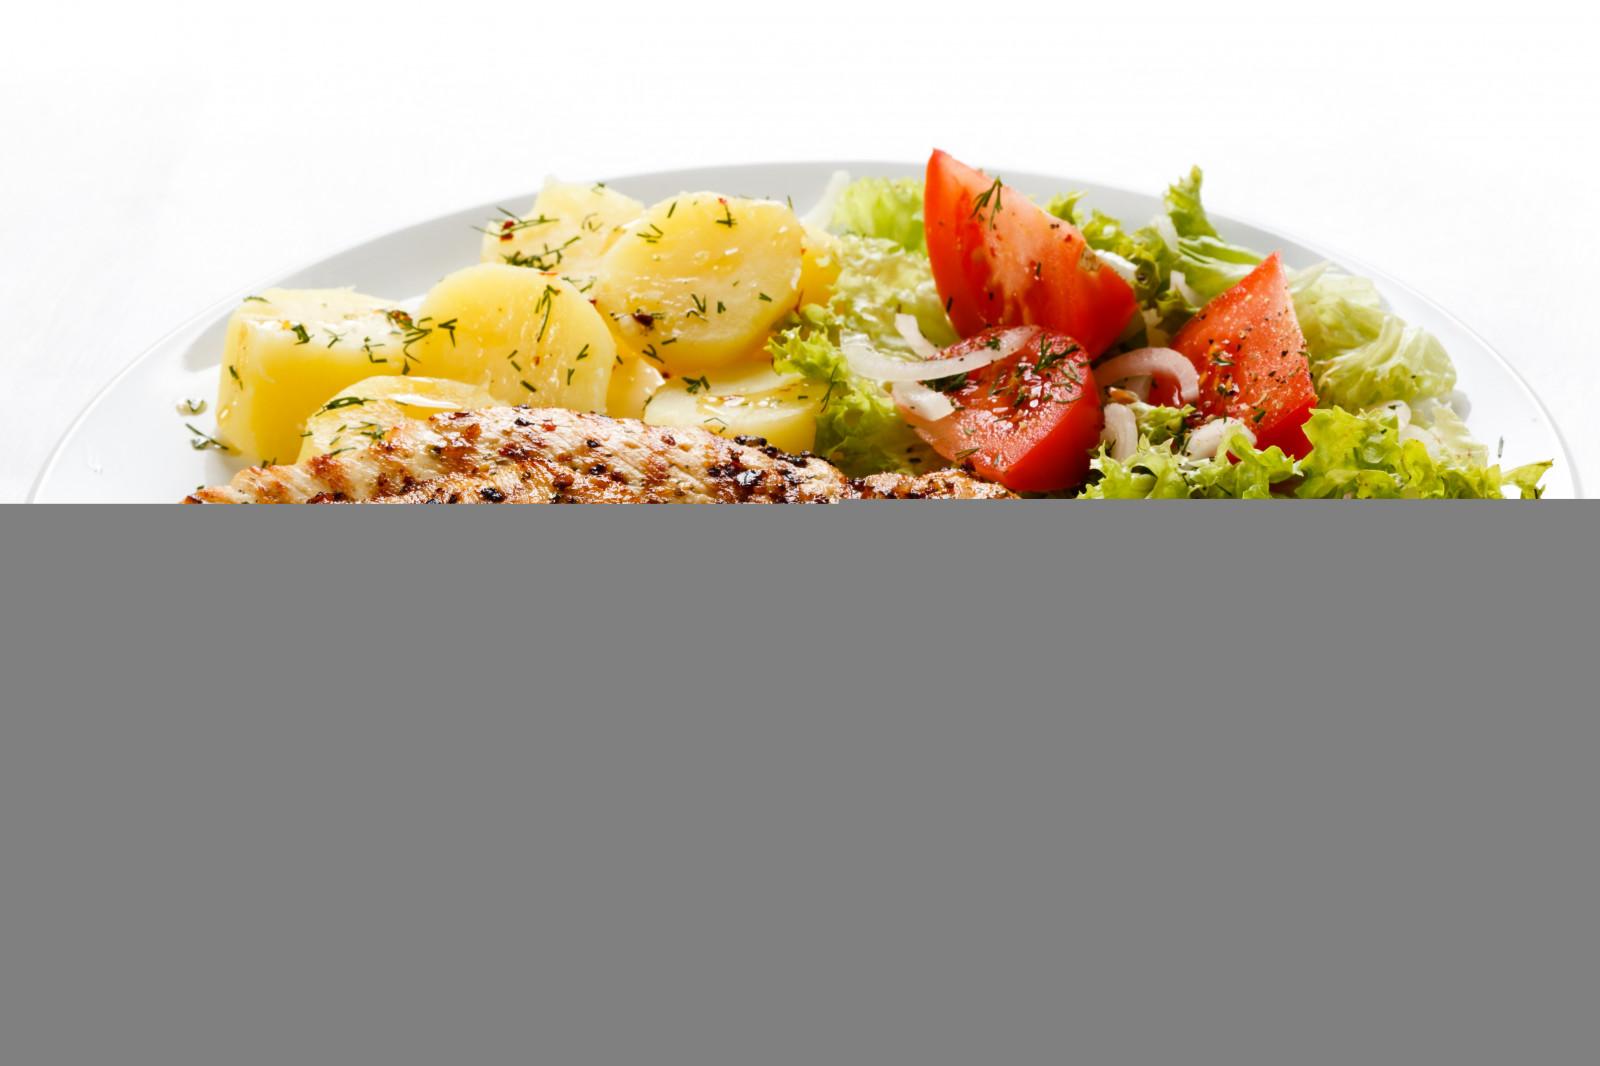 Hintergrundbilder : Lebensmittel, Fleisch, Gemüse, Salat, Mahlzeit ...